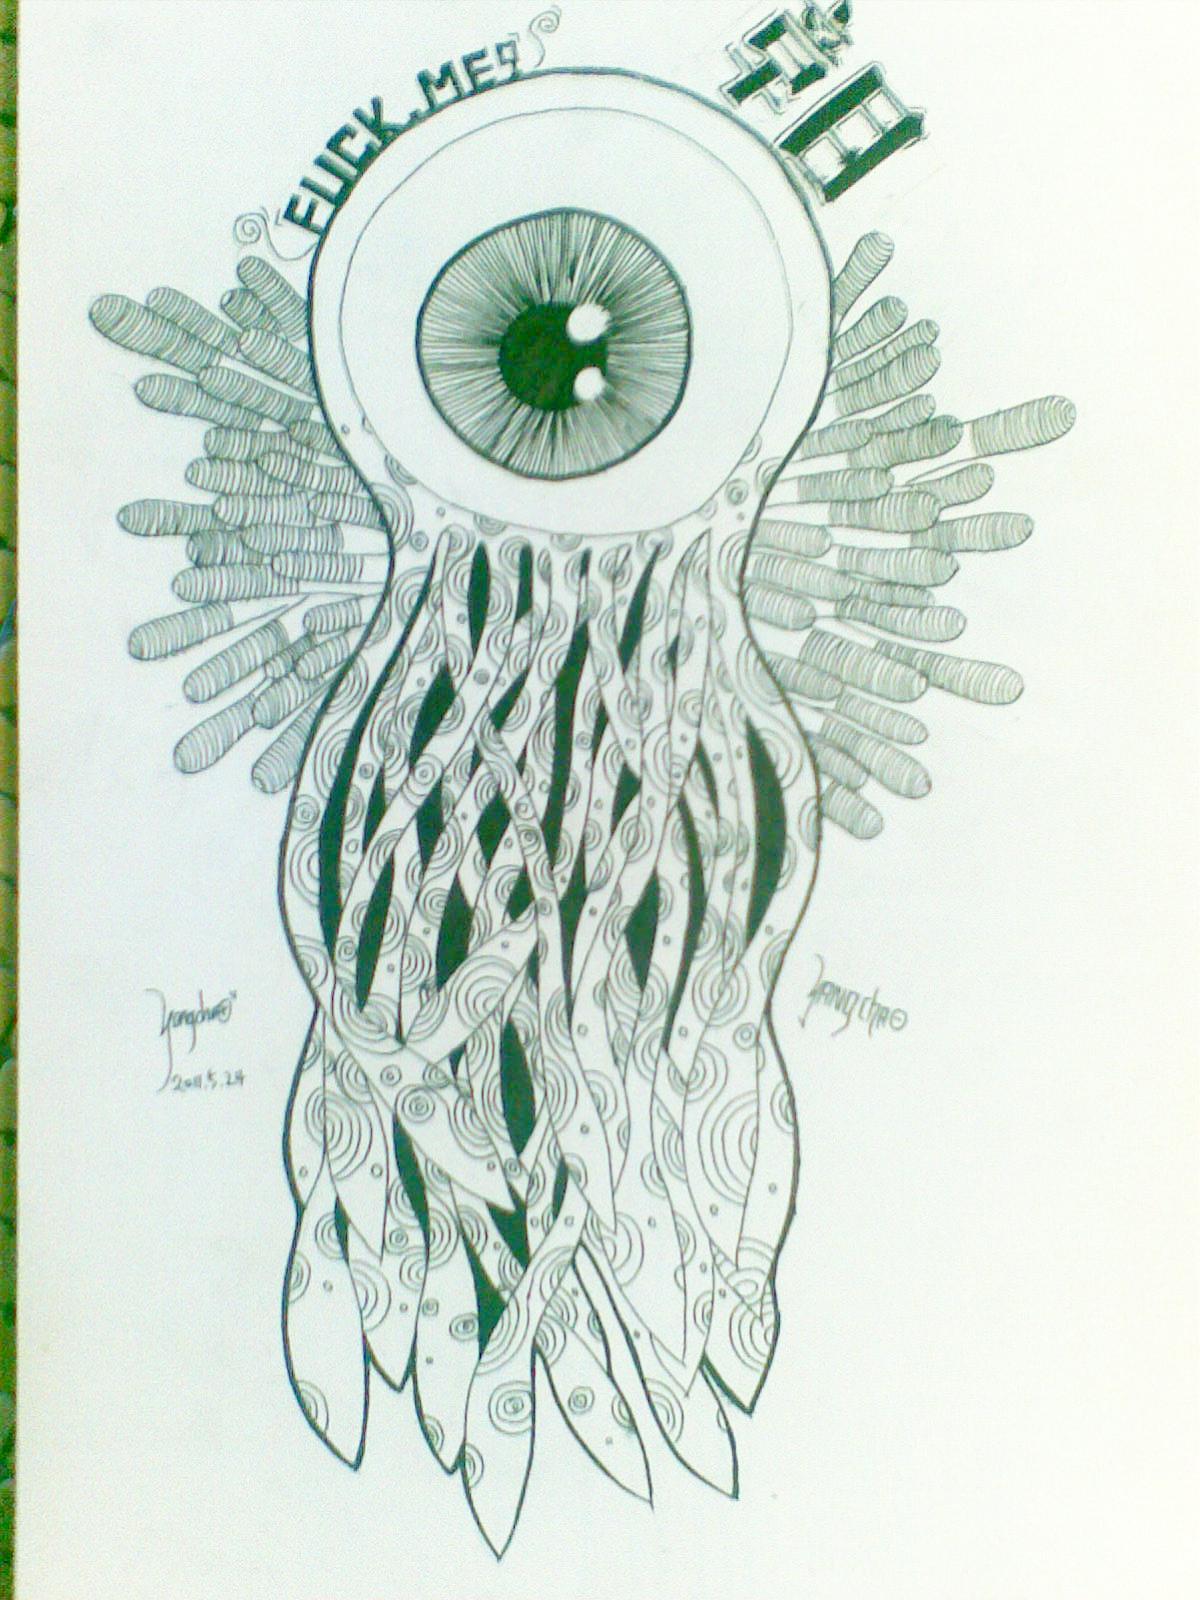 眼球主题手绘